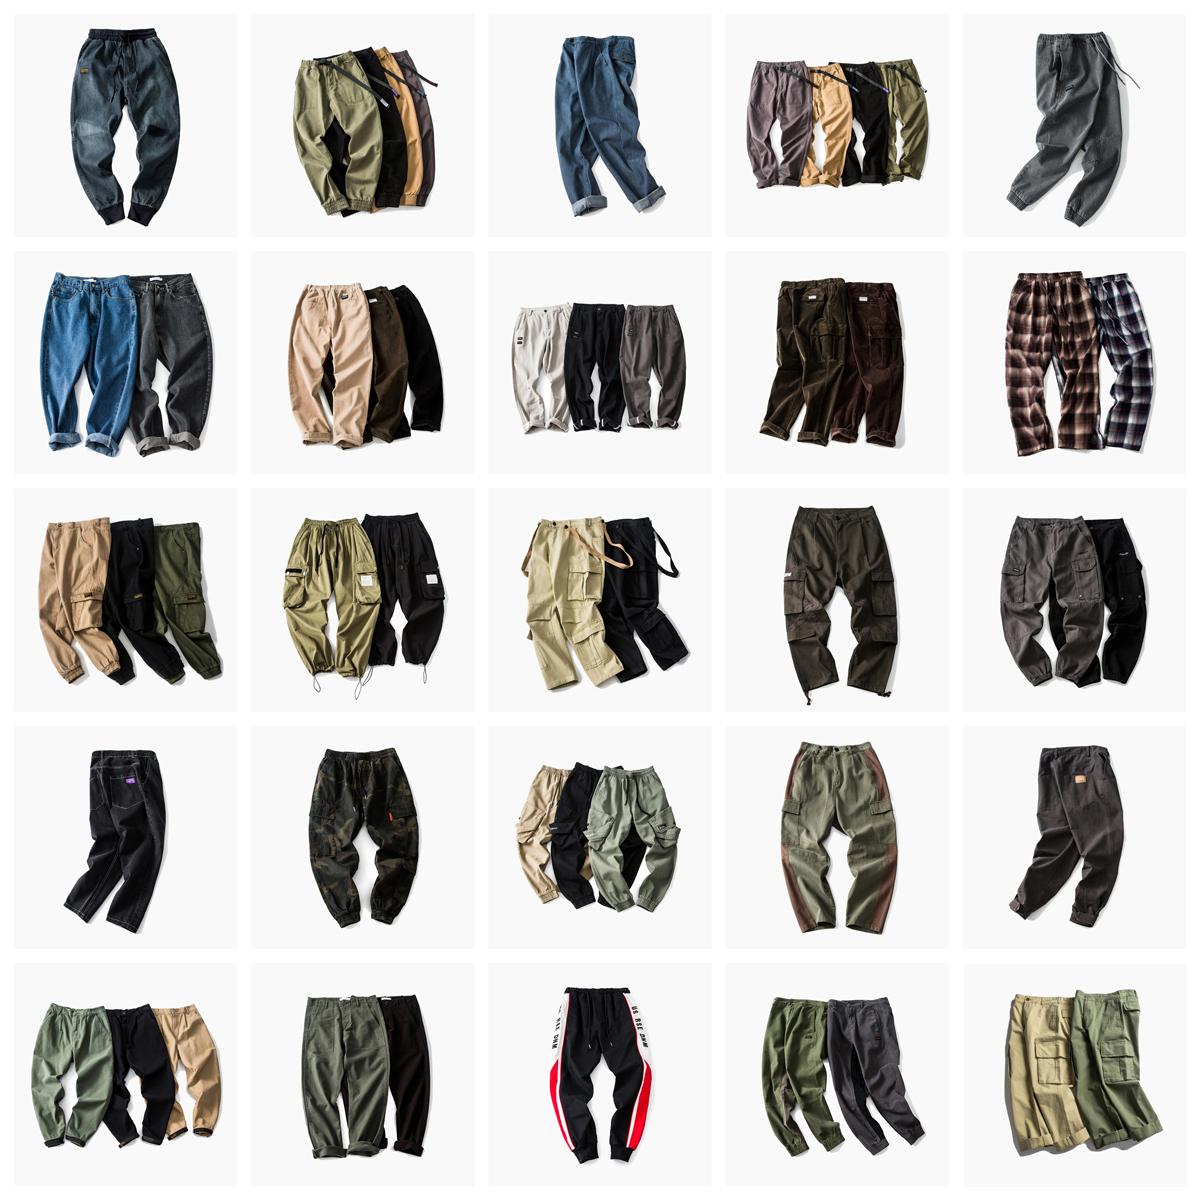 1200-裤子实物图.jpg